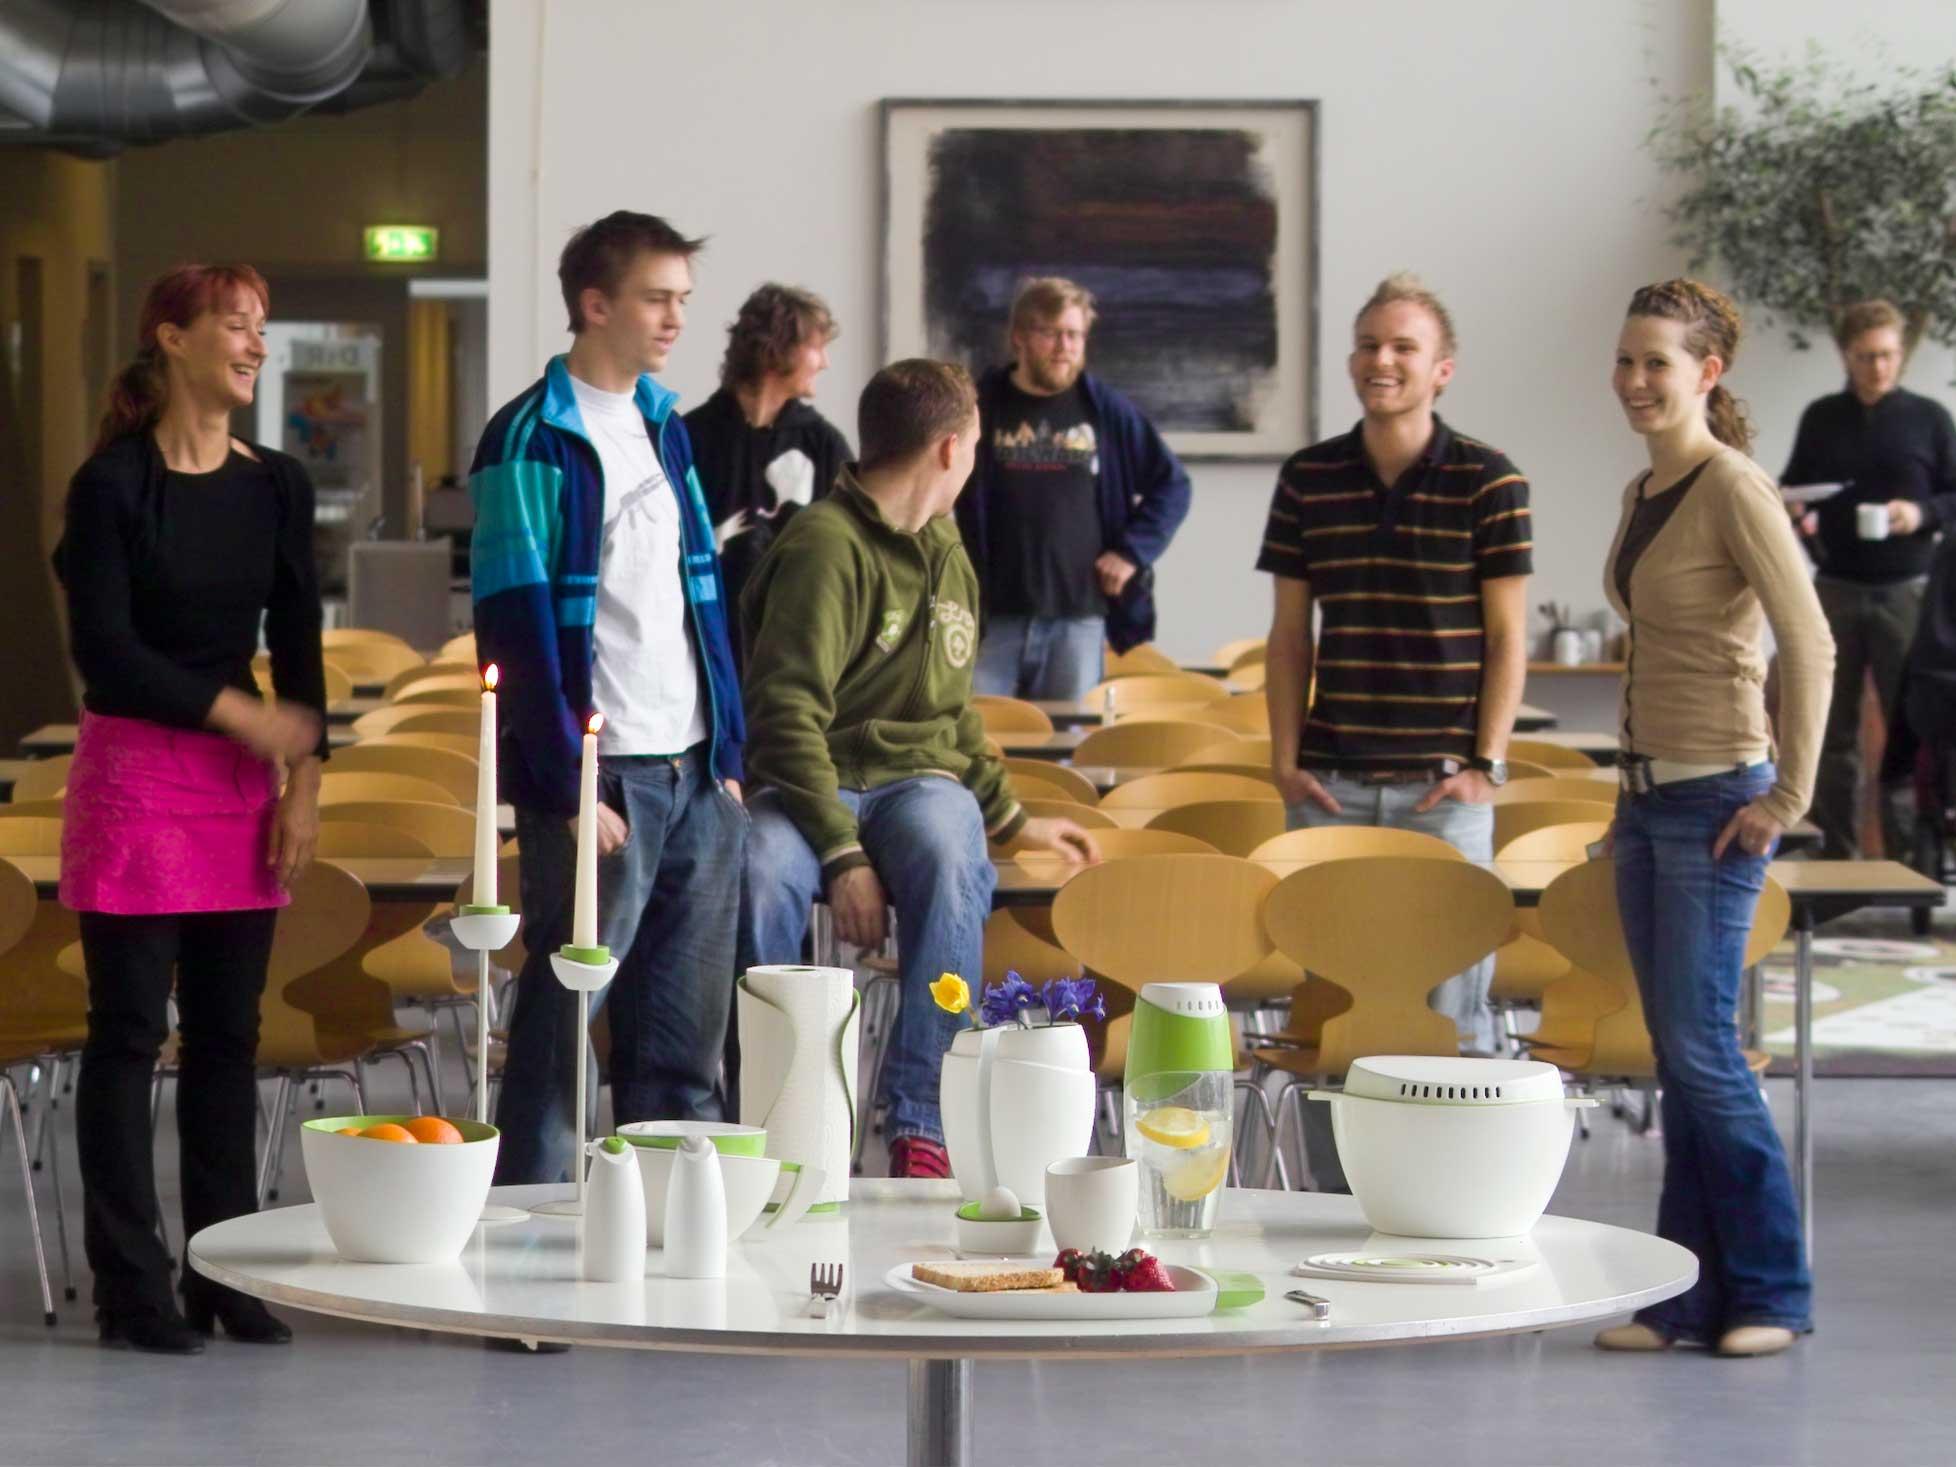 Designskolen Kolding Kent Laursens studerendes kursus resultater Formgivningsprojekt.